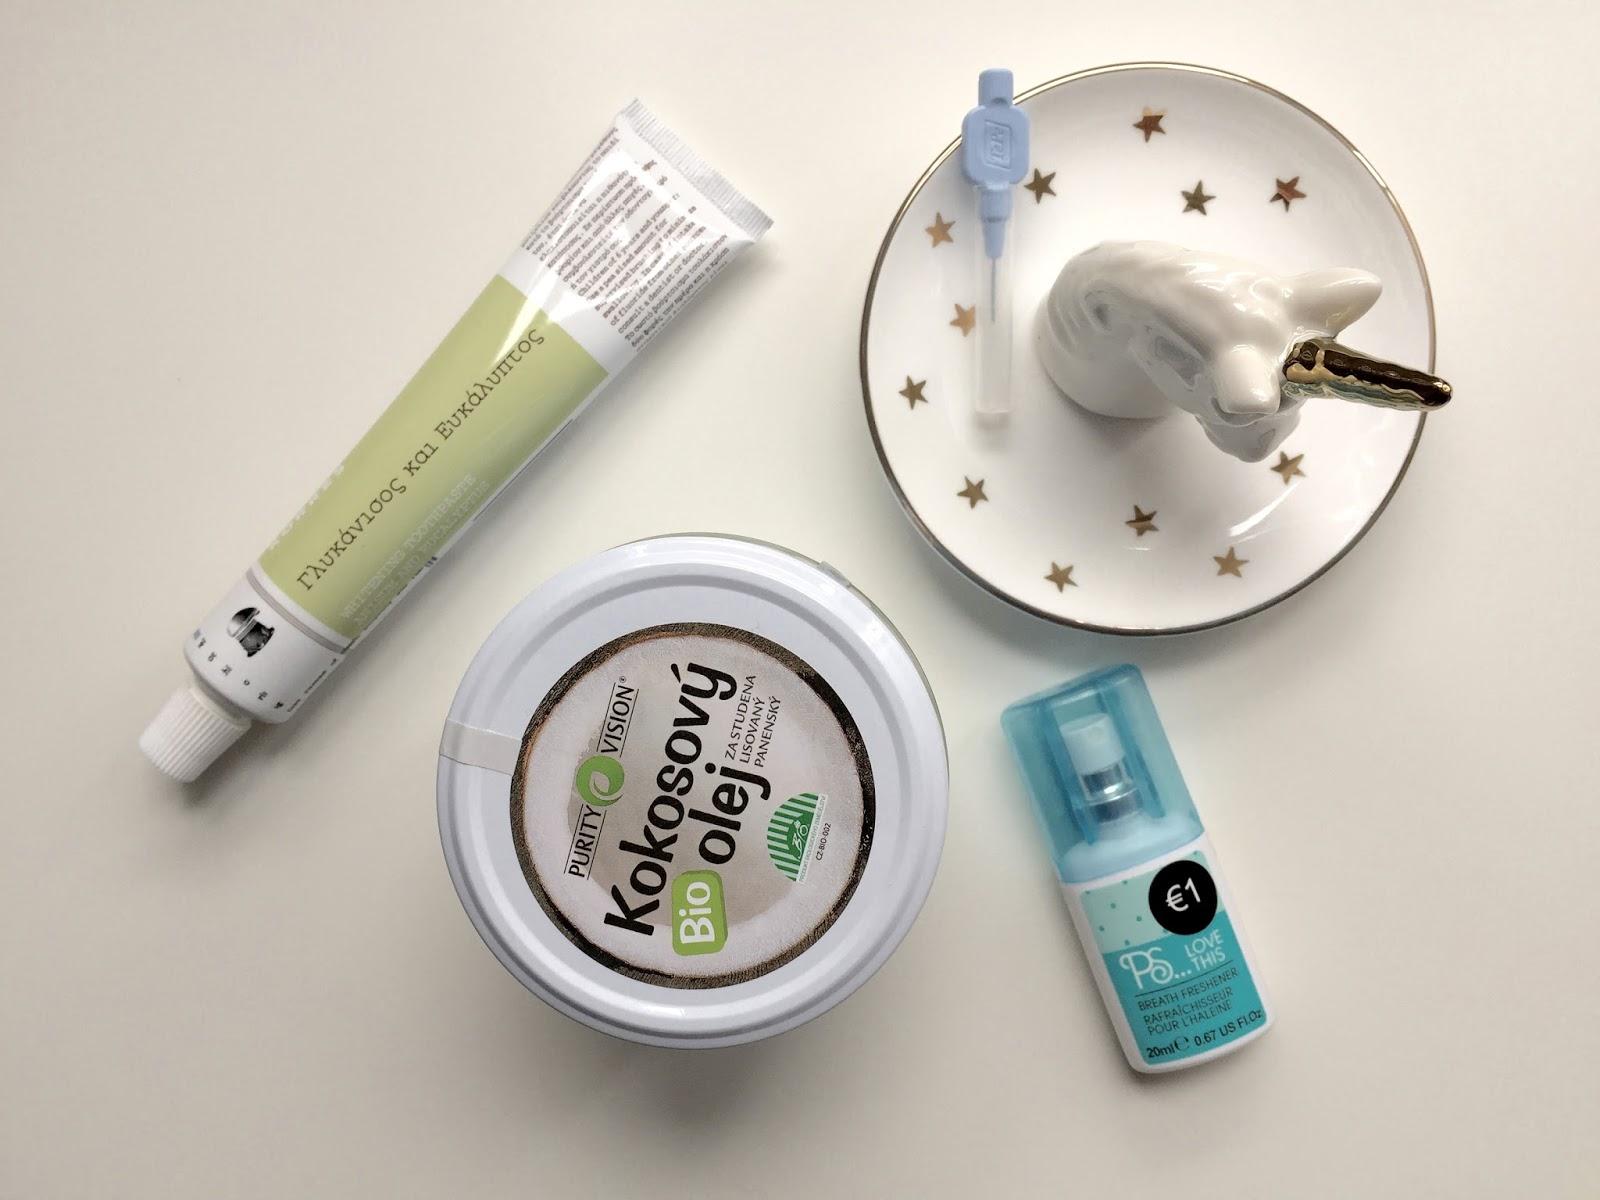 Zubni pasta Korres, kokosovy olej Purity vision, mezizubni kartacek TePe a ustni osvezovac na bilem podkladu